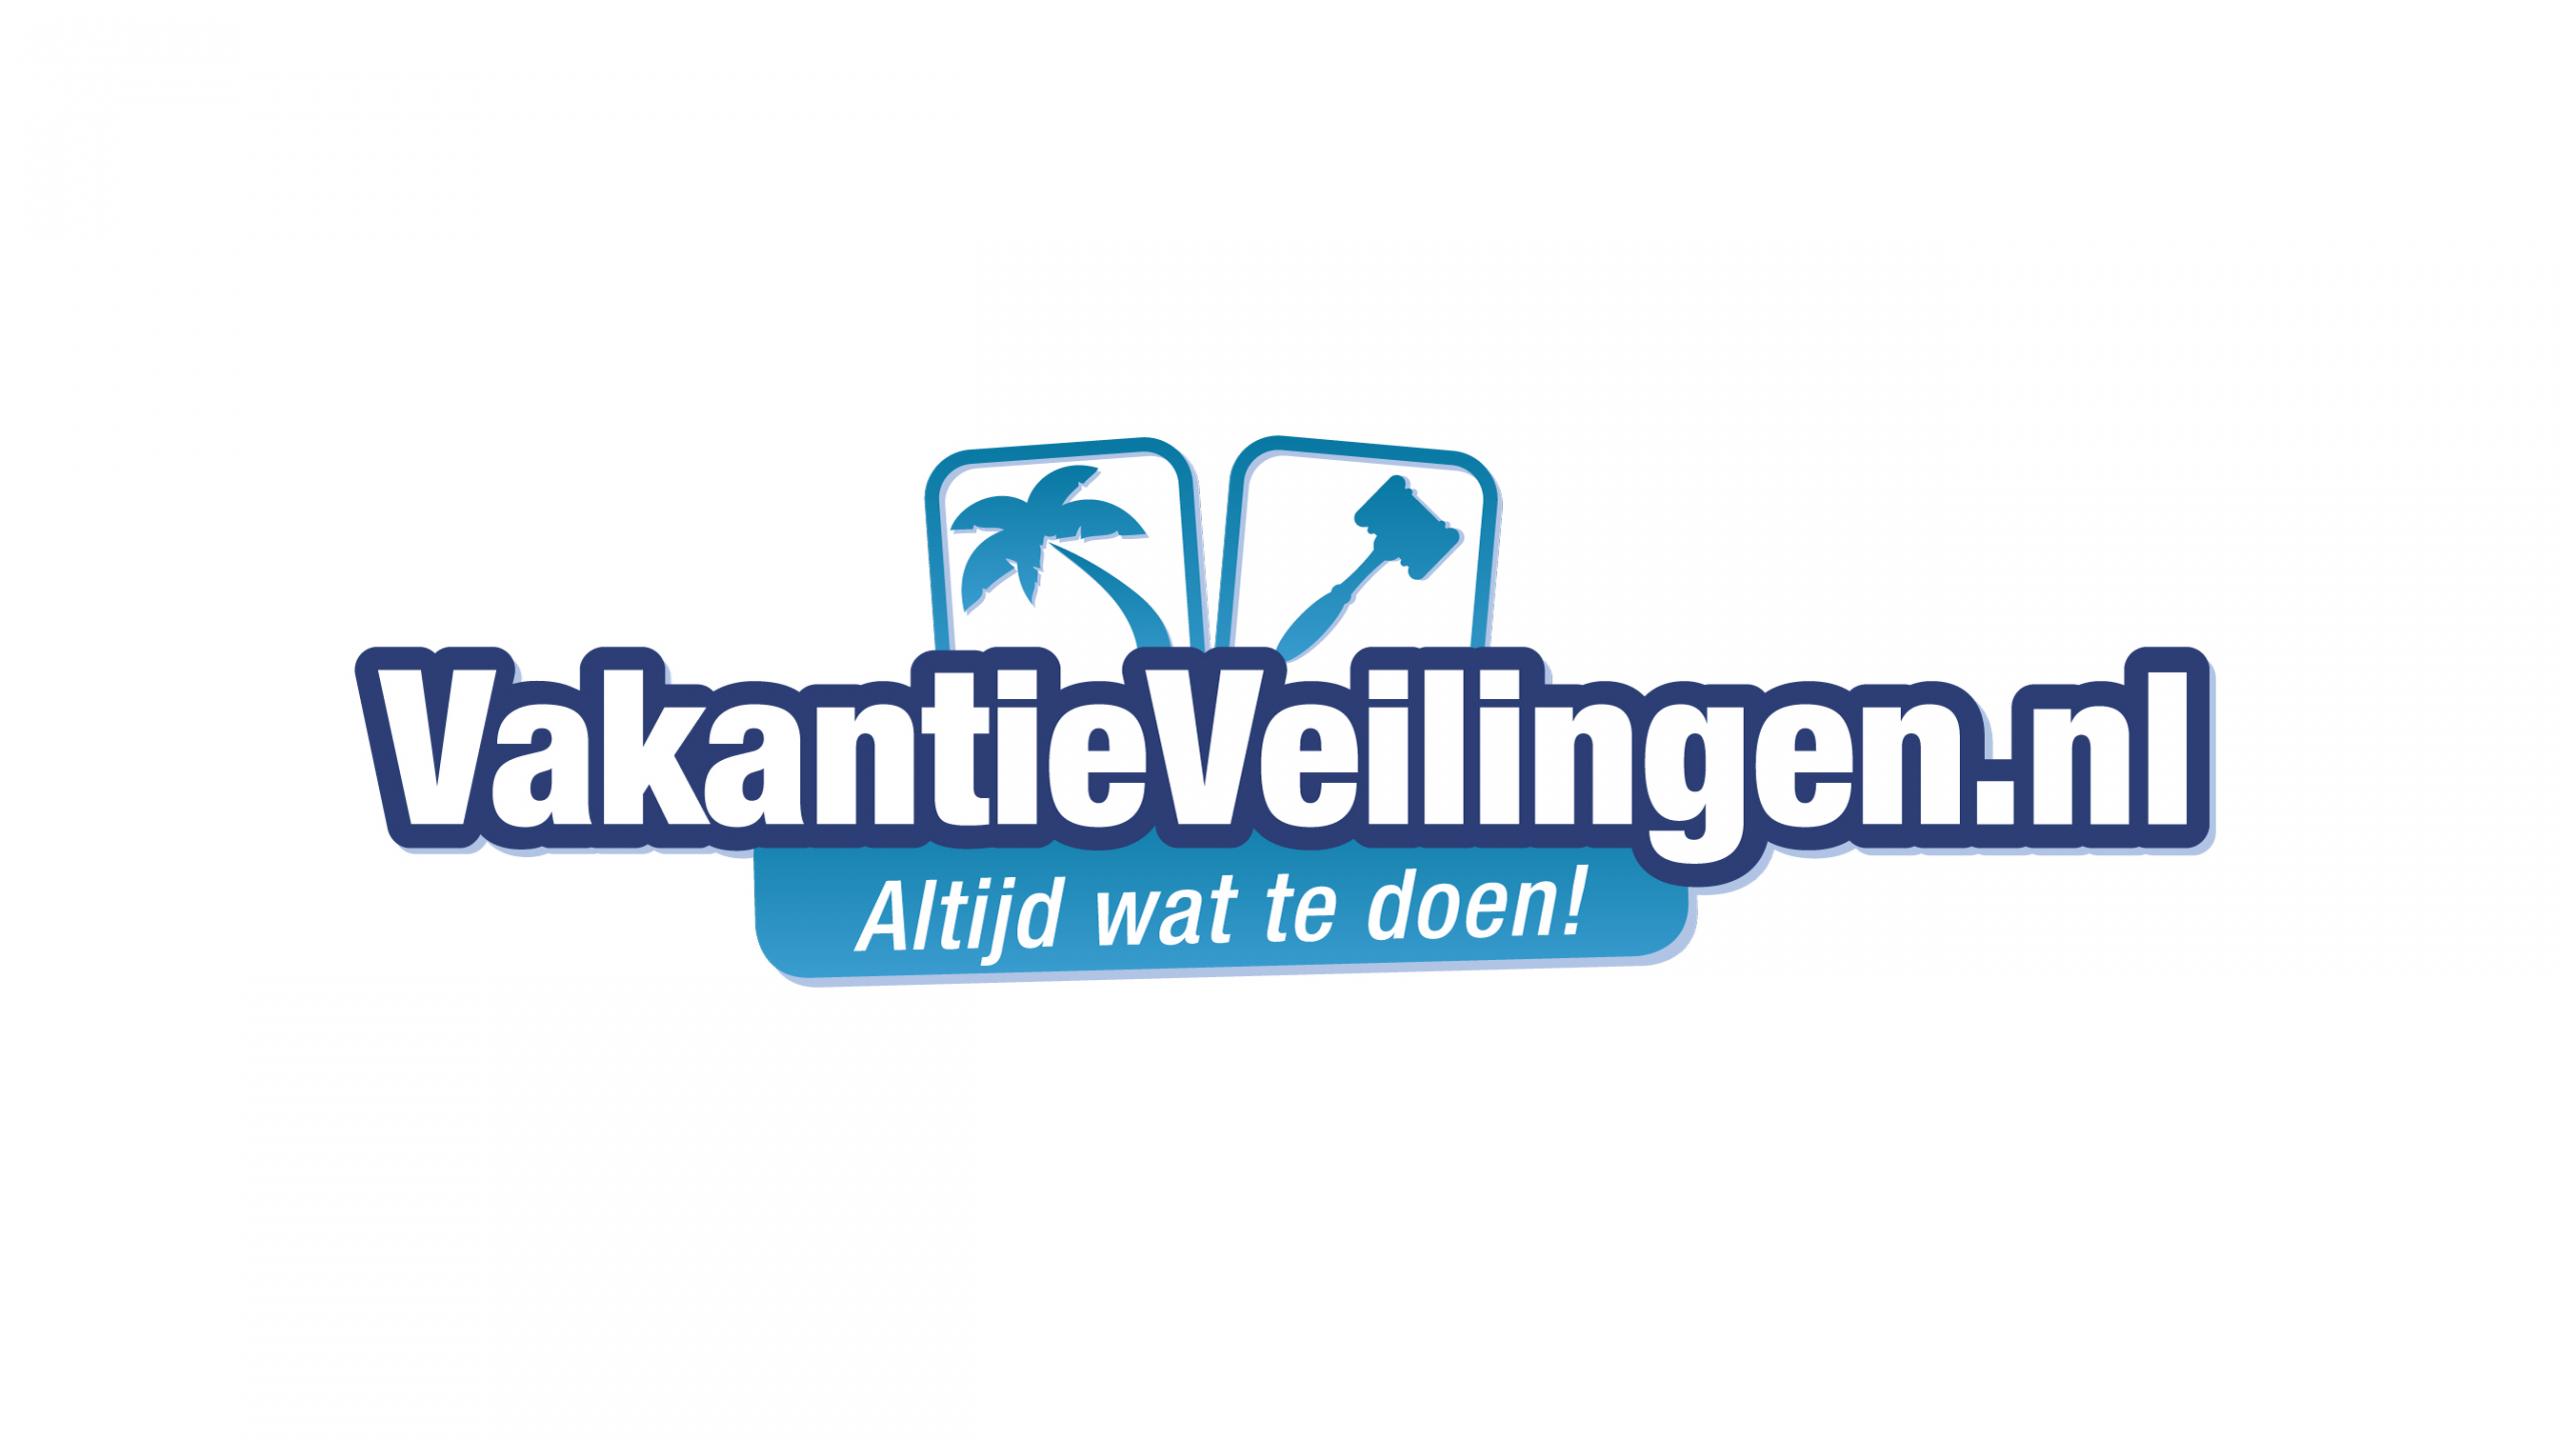 Vakantieveilingen.nl gehost door True